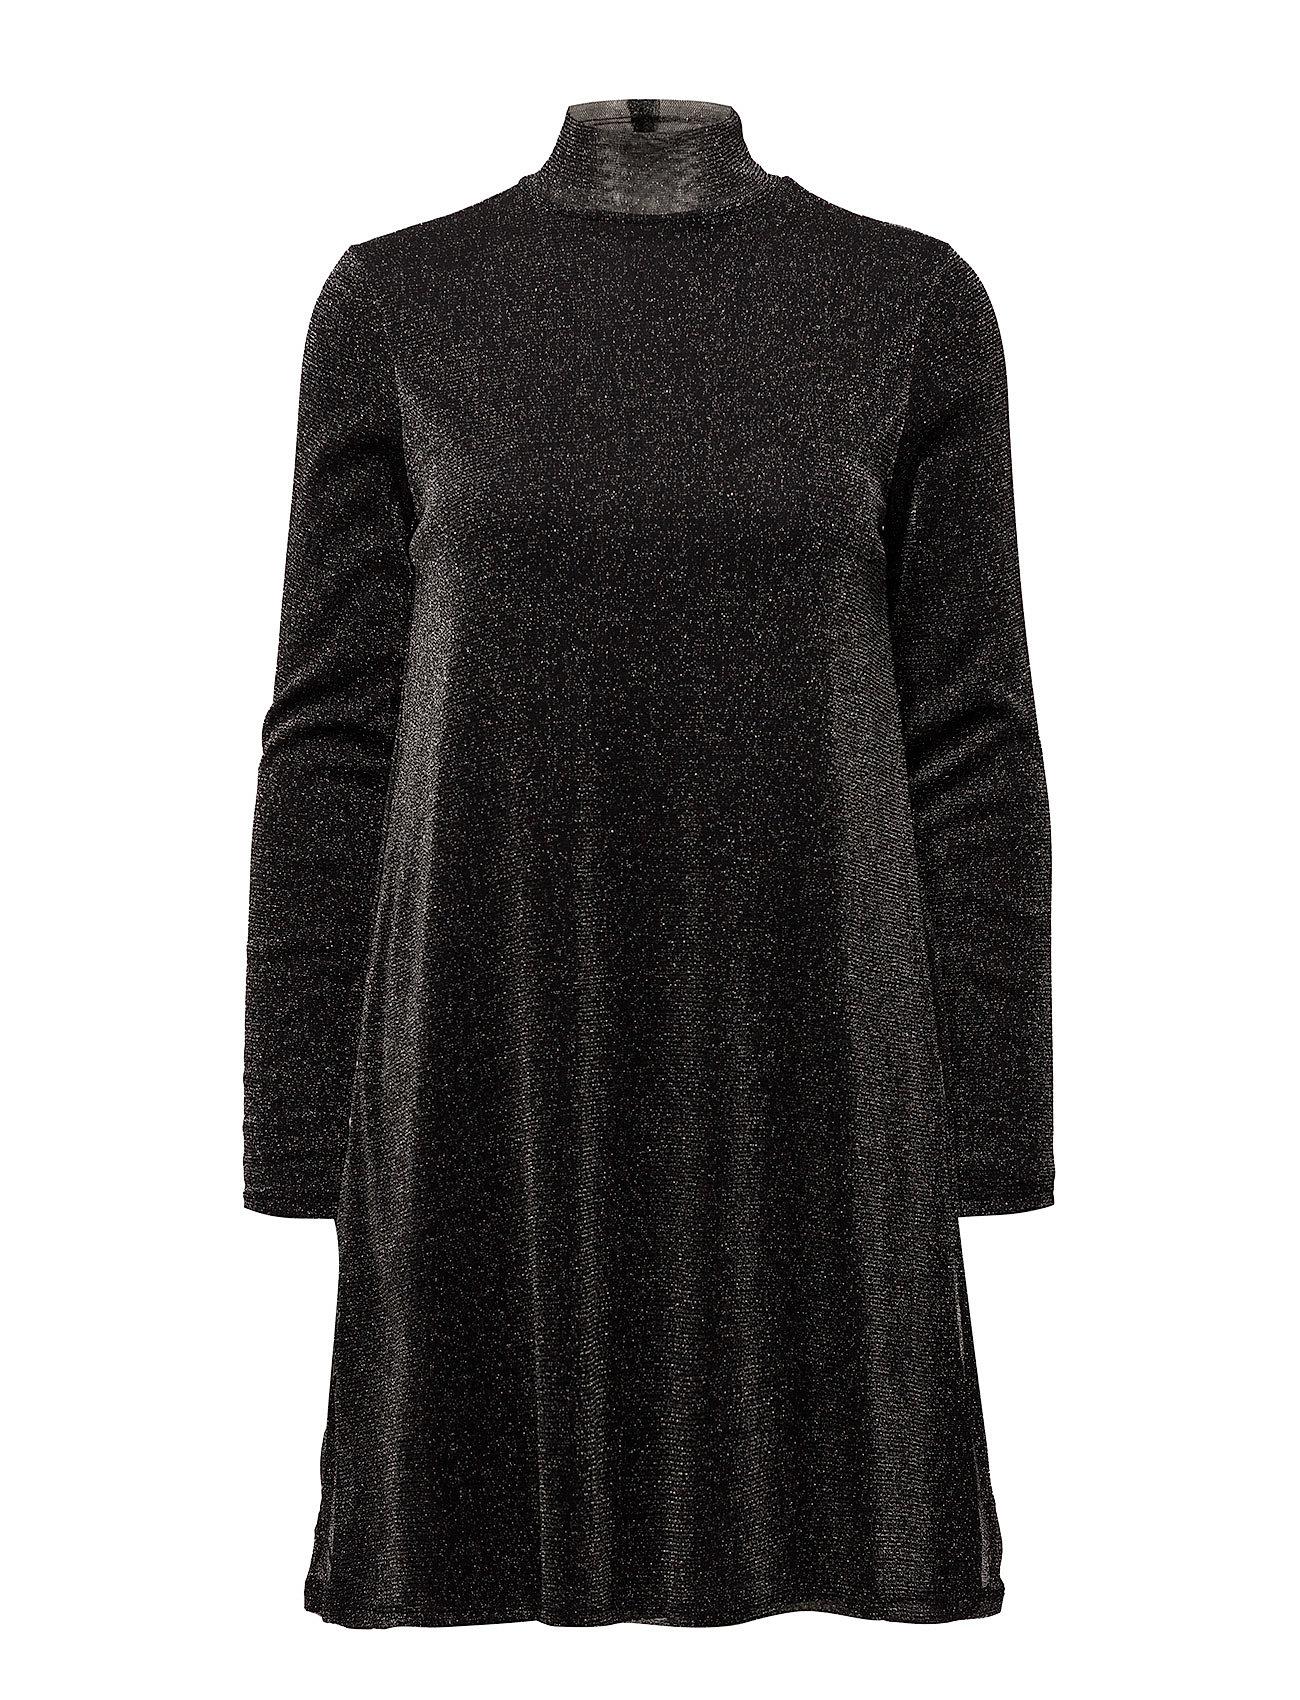 Viglori vang l/s dress/1 fra vila på boozt.com dk